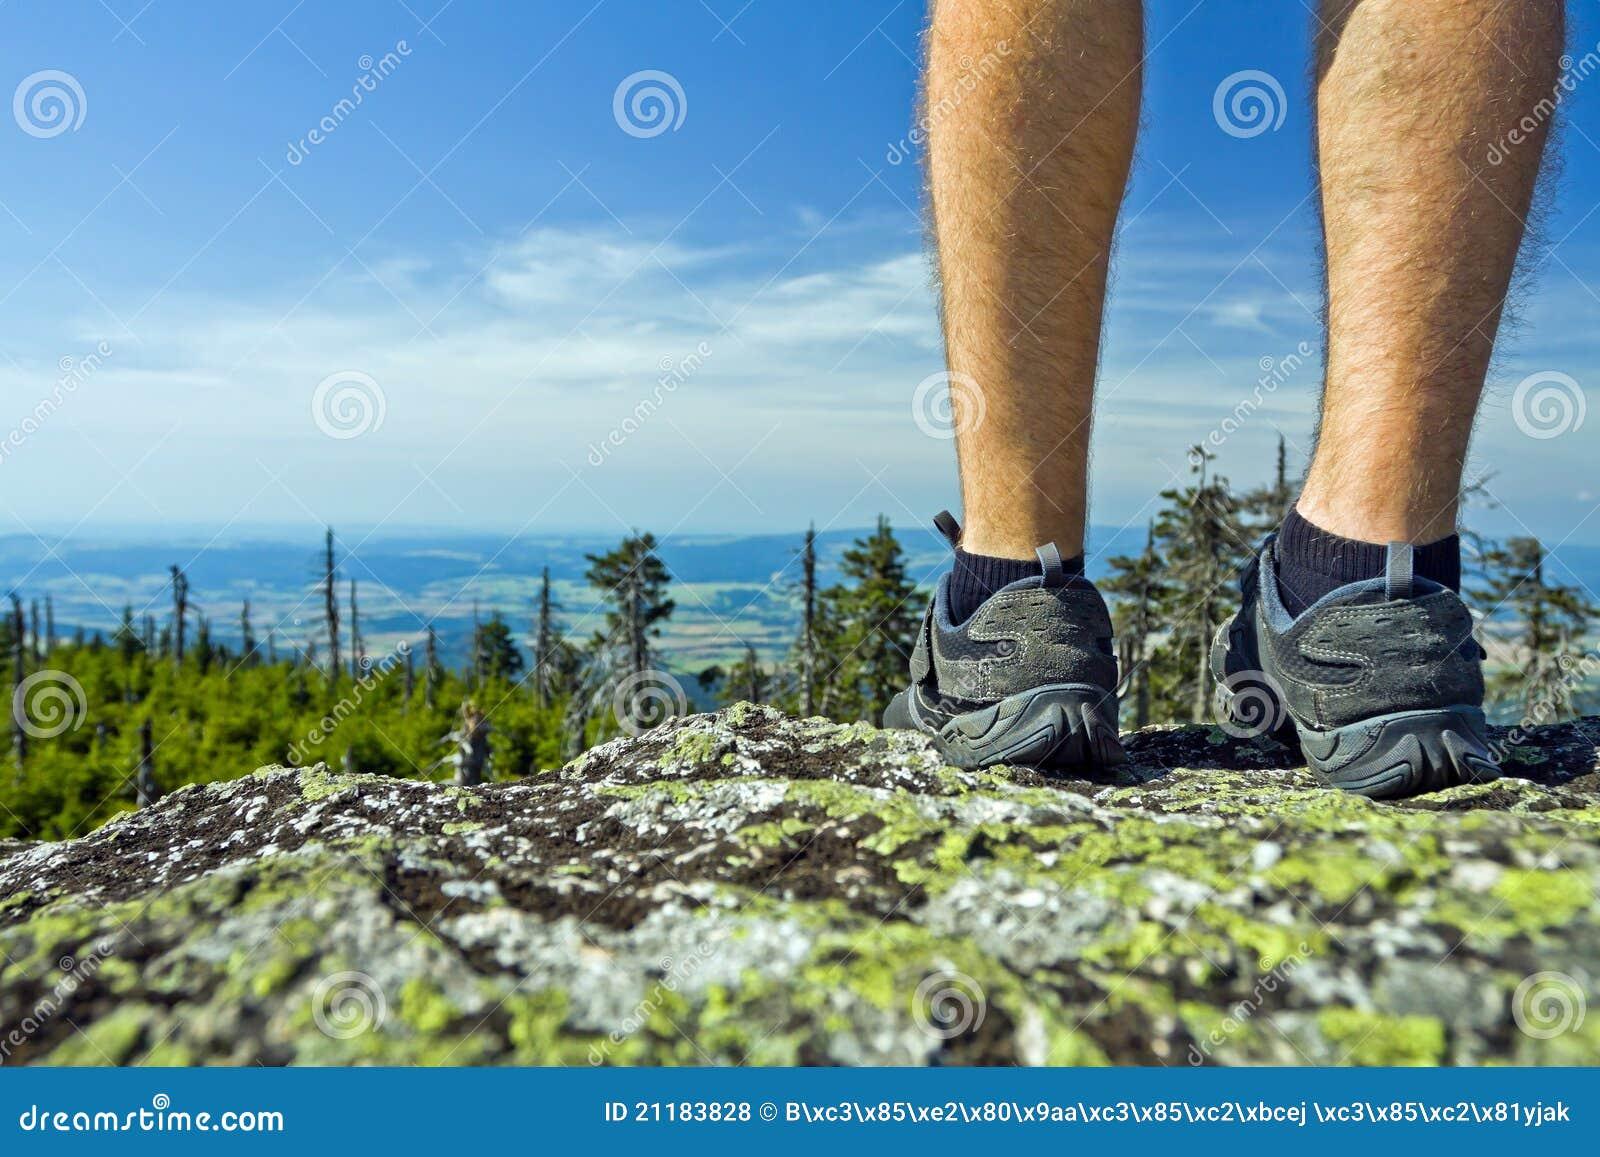 Hiker on summit